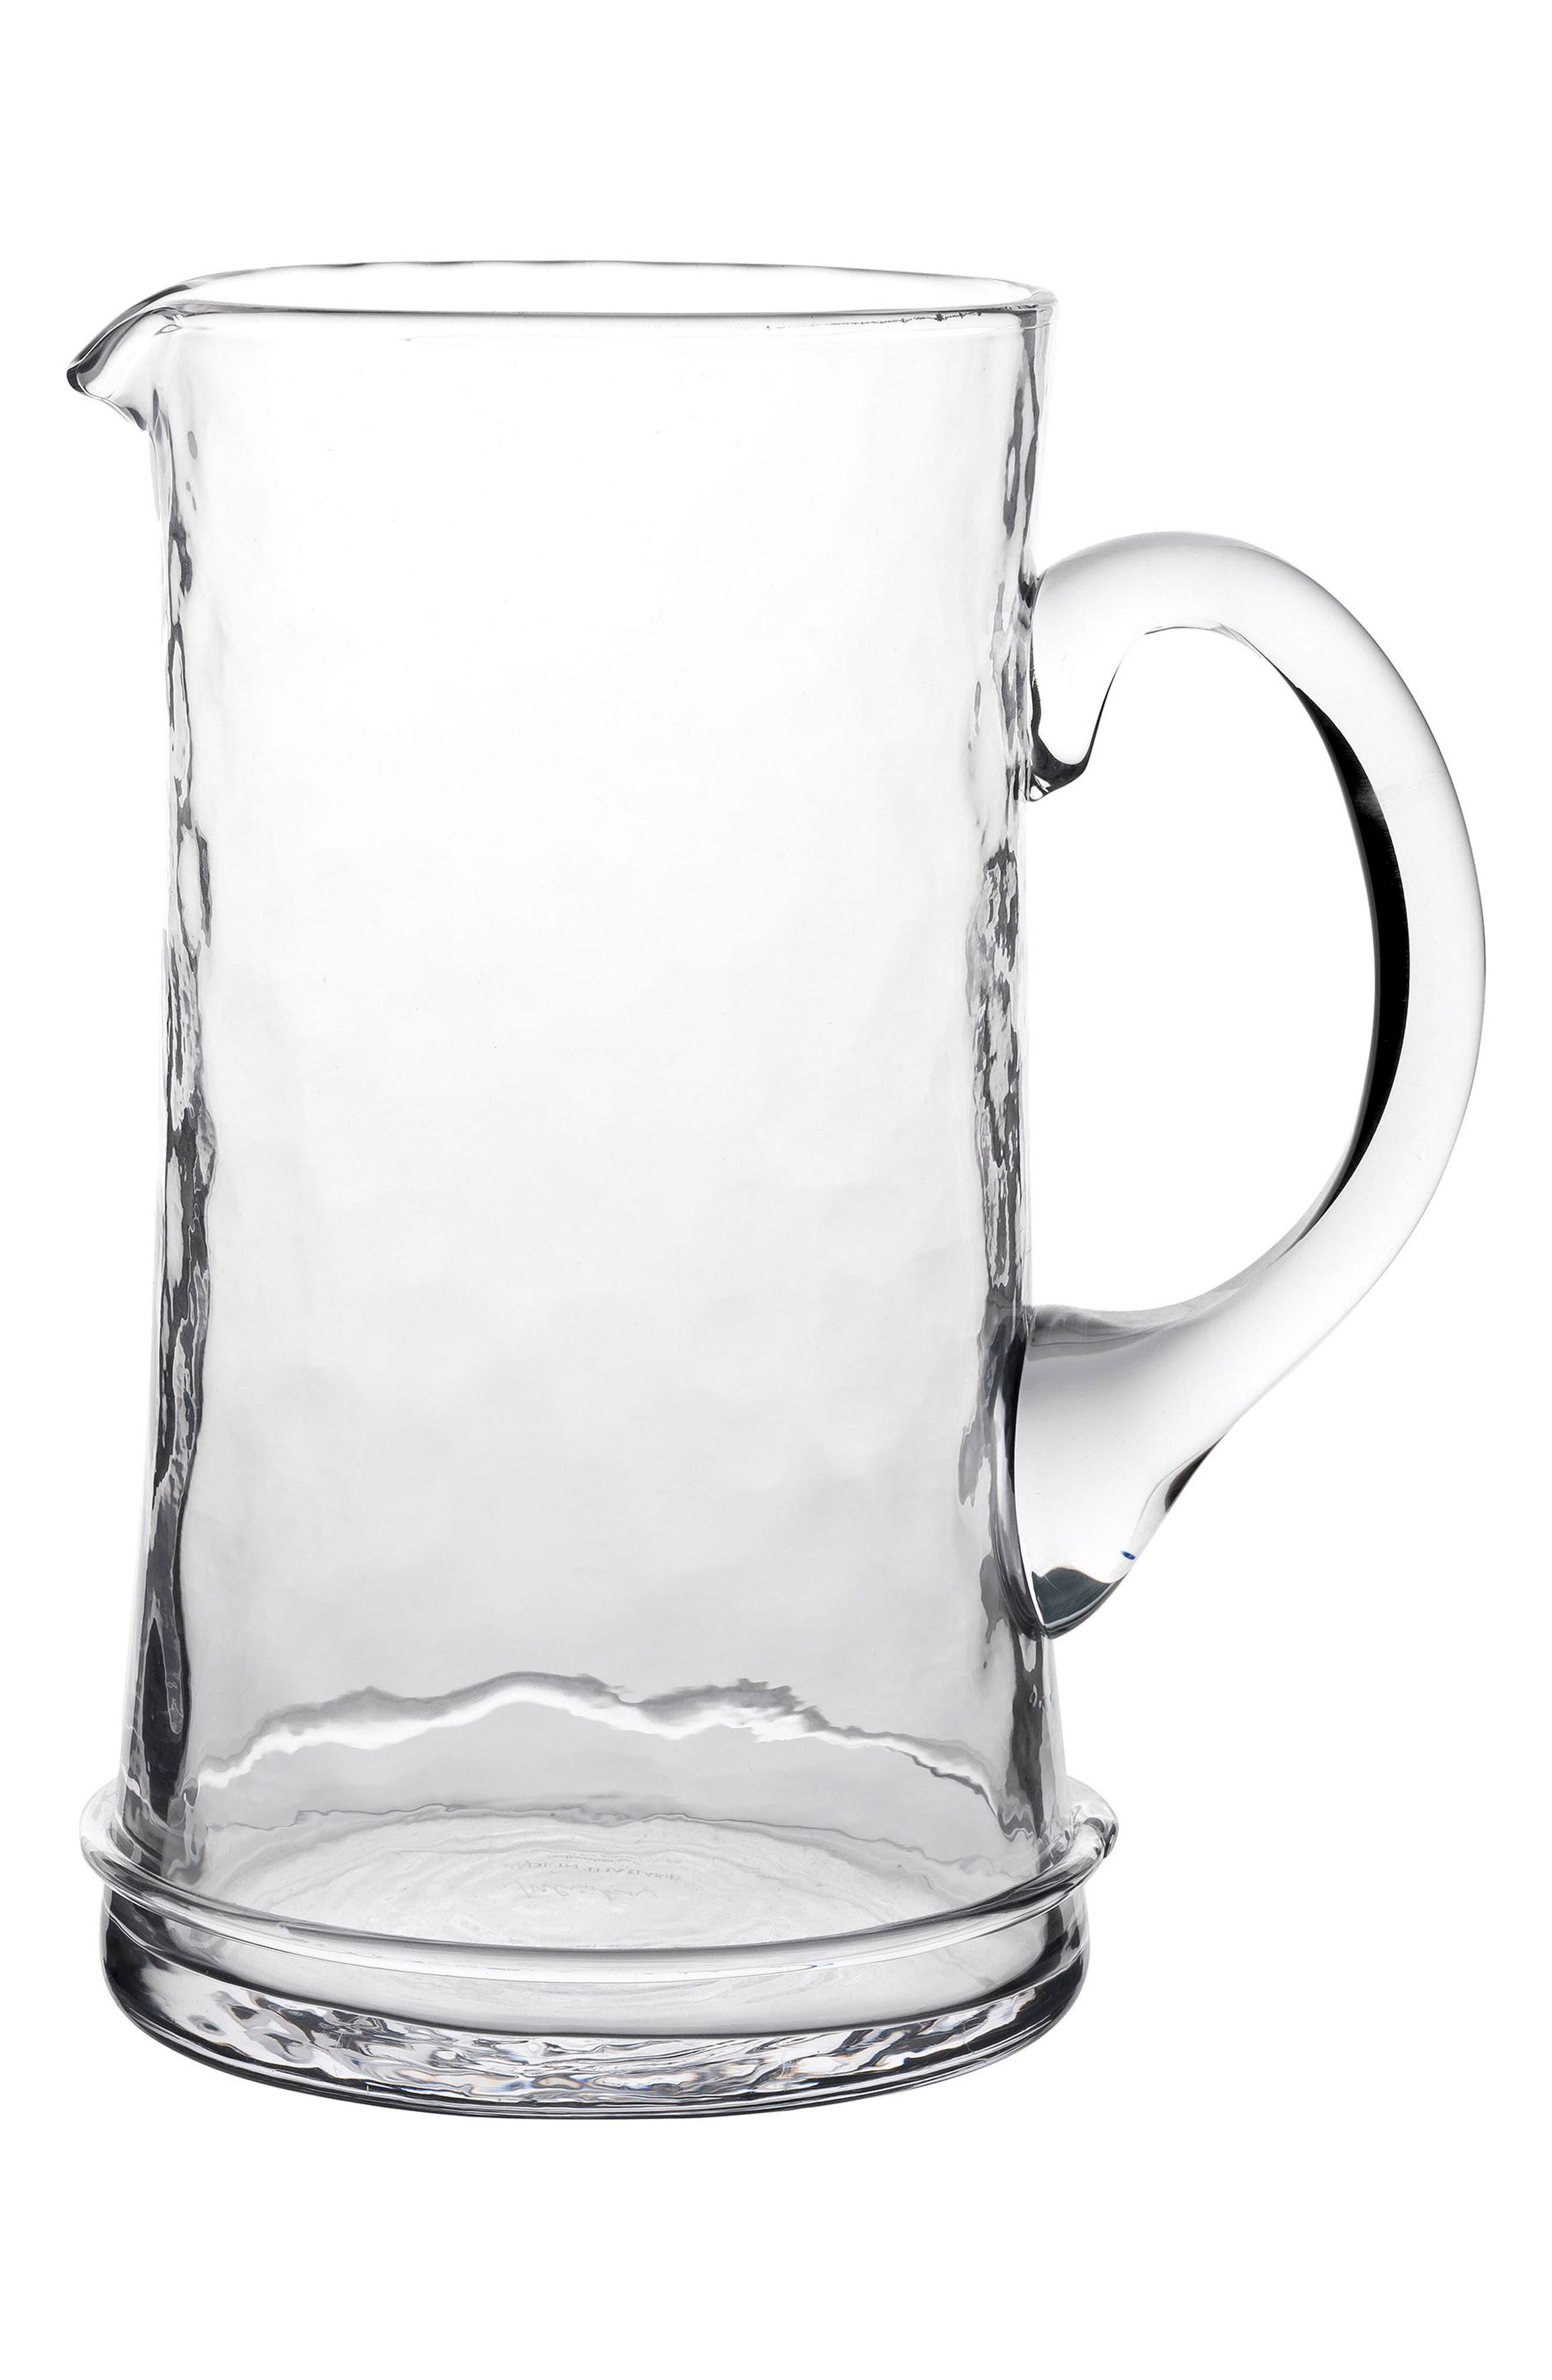 Juliska 'Carine' Glass Pitcher